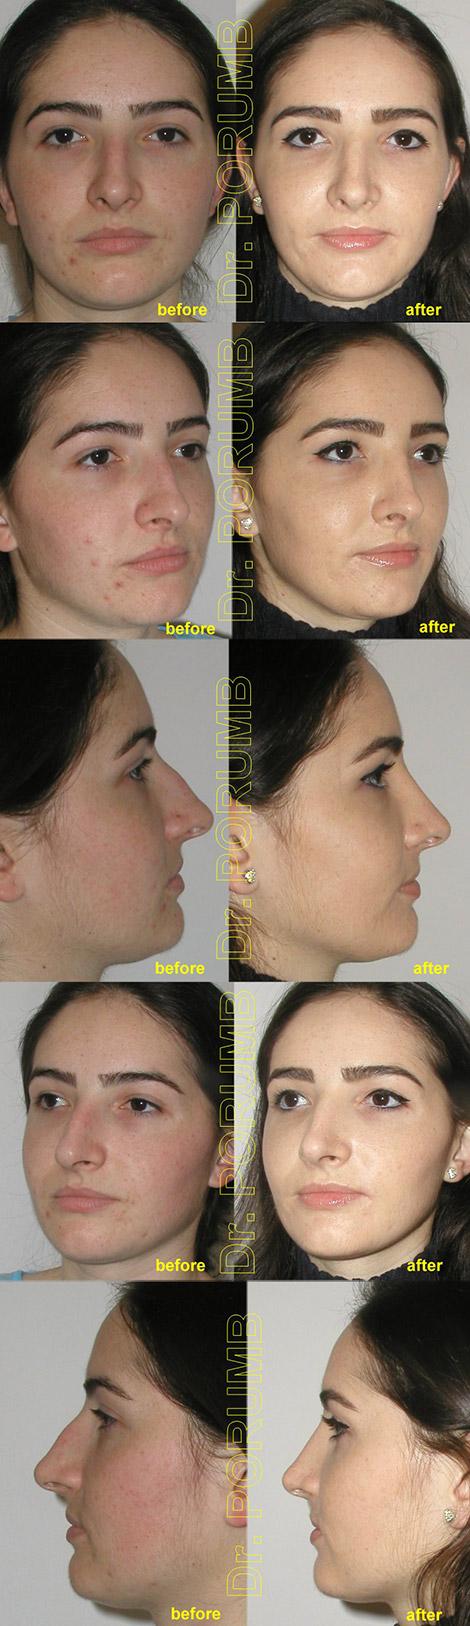 Pacienta de 24 ani, nemultumita de aspectul estetic al nasului, de marimea nasul